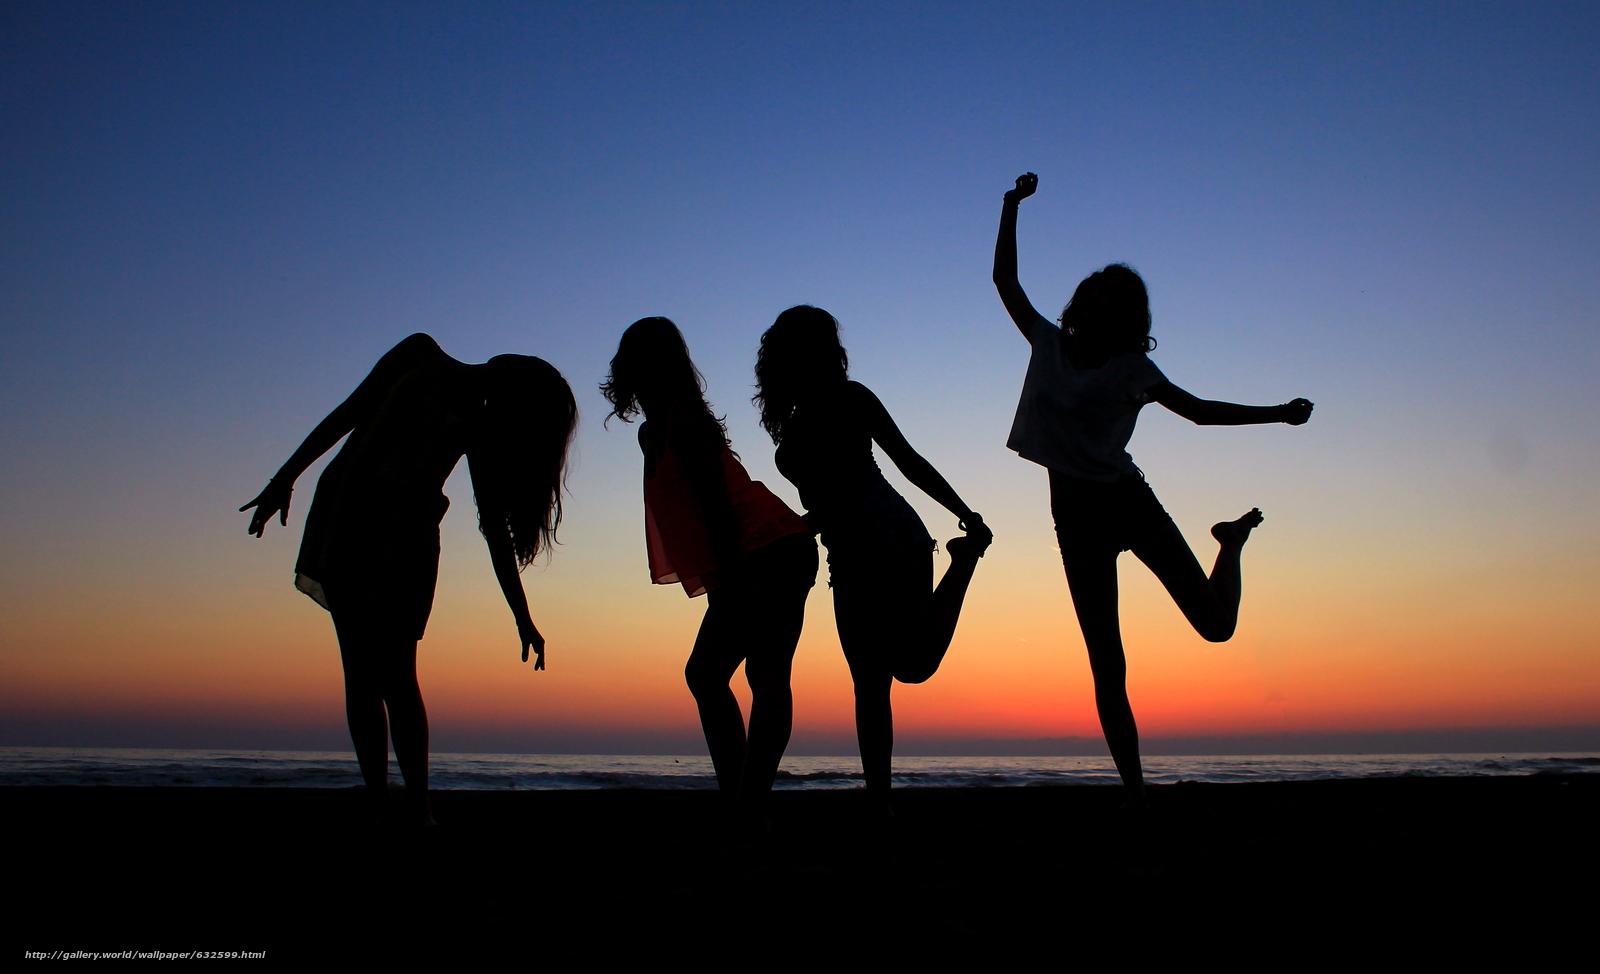 Скачать обои закат,  море,  силуэты девушек,  настроения бесплатно для рабочего стола в разрешении 4816x2931 — картинка №632599